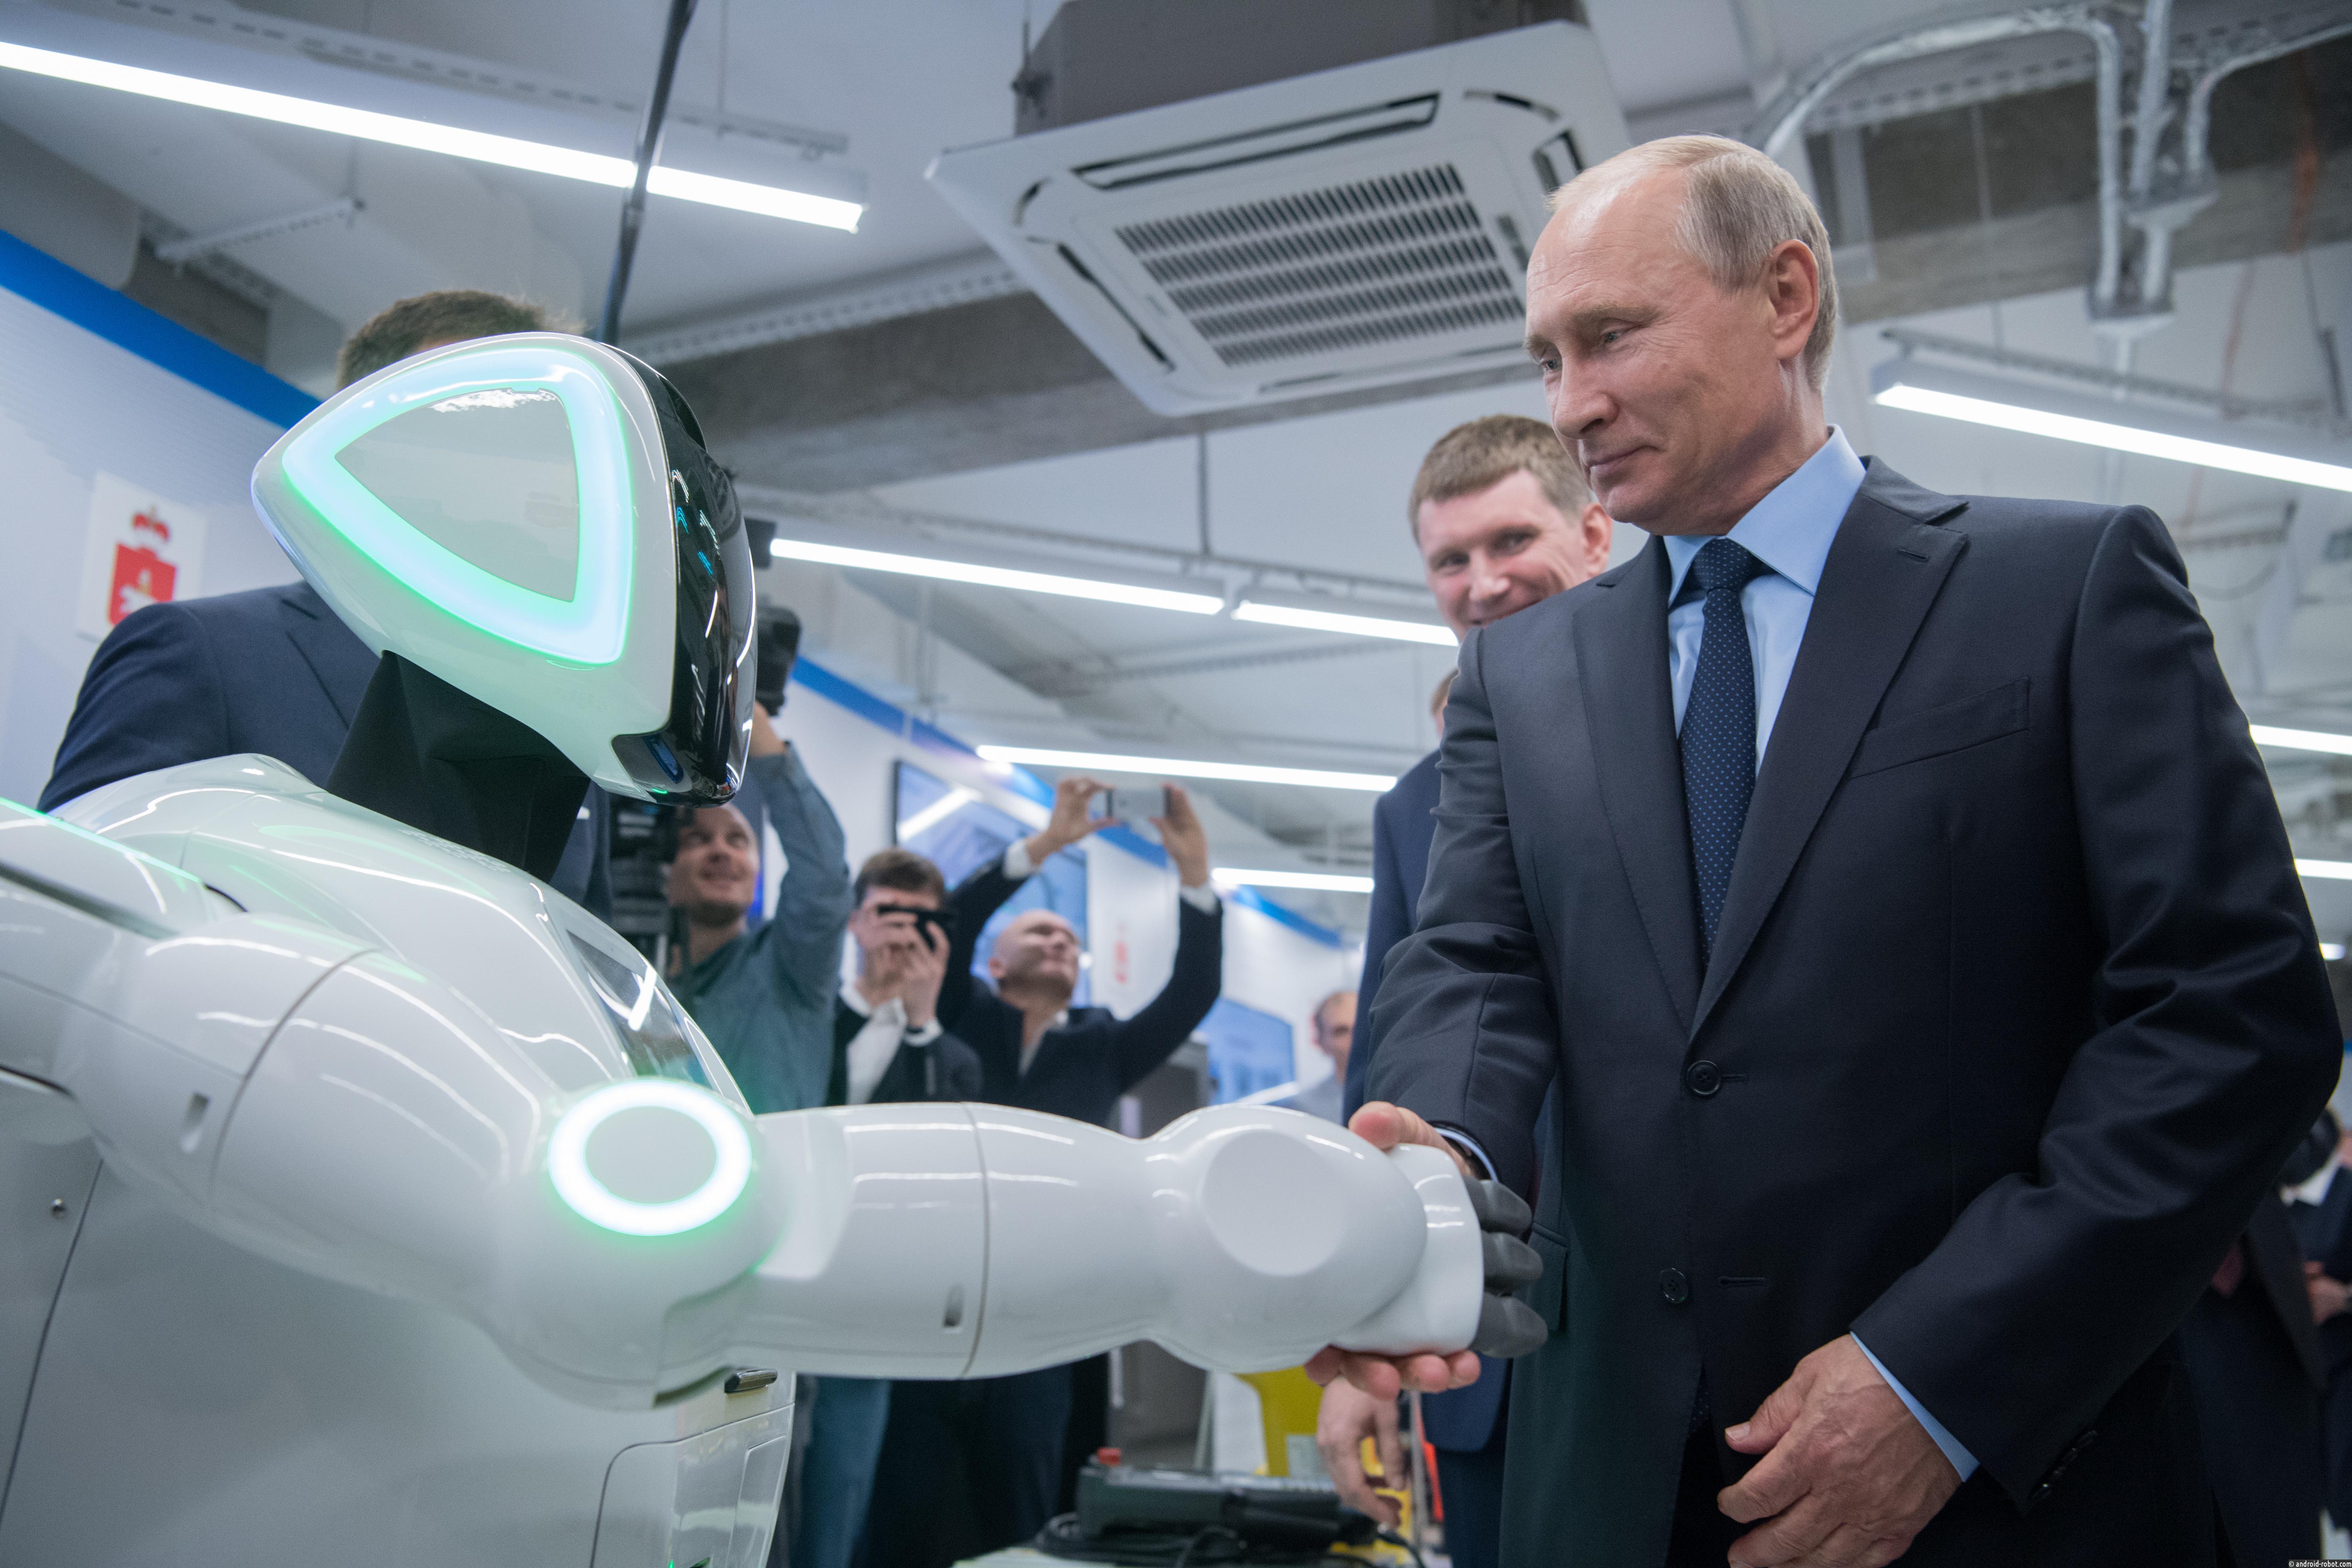 Владимир Путин пожал руку роботу Promobot на встрече в Перми